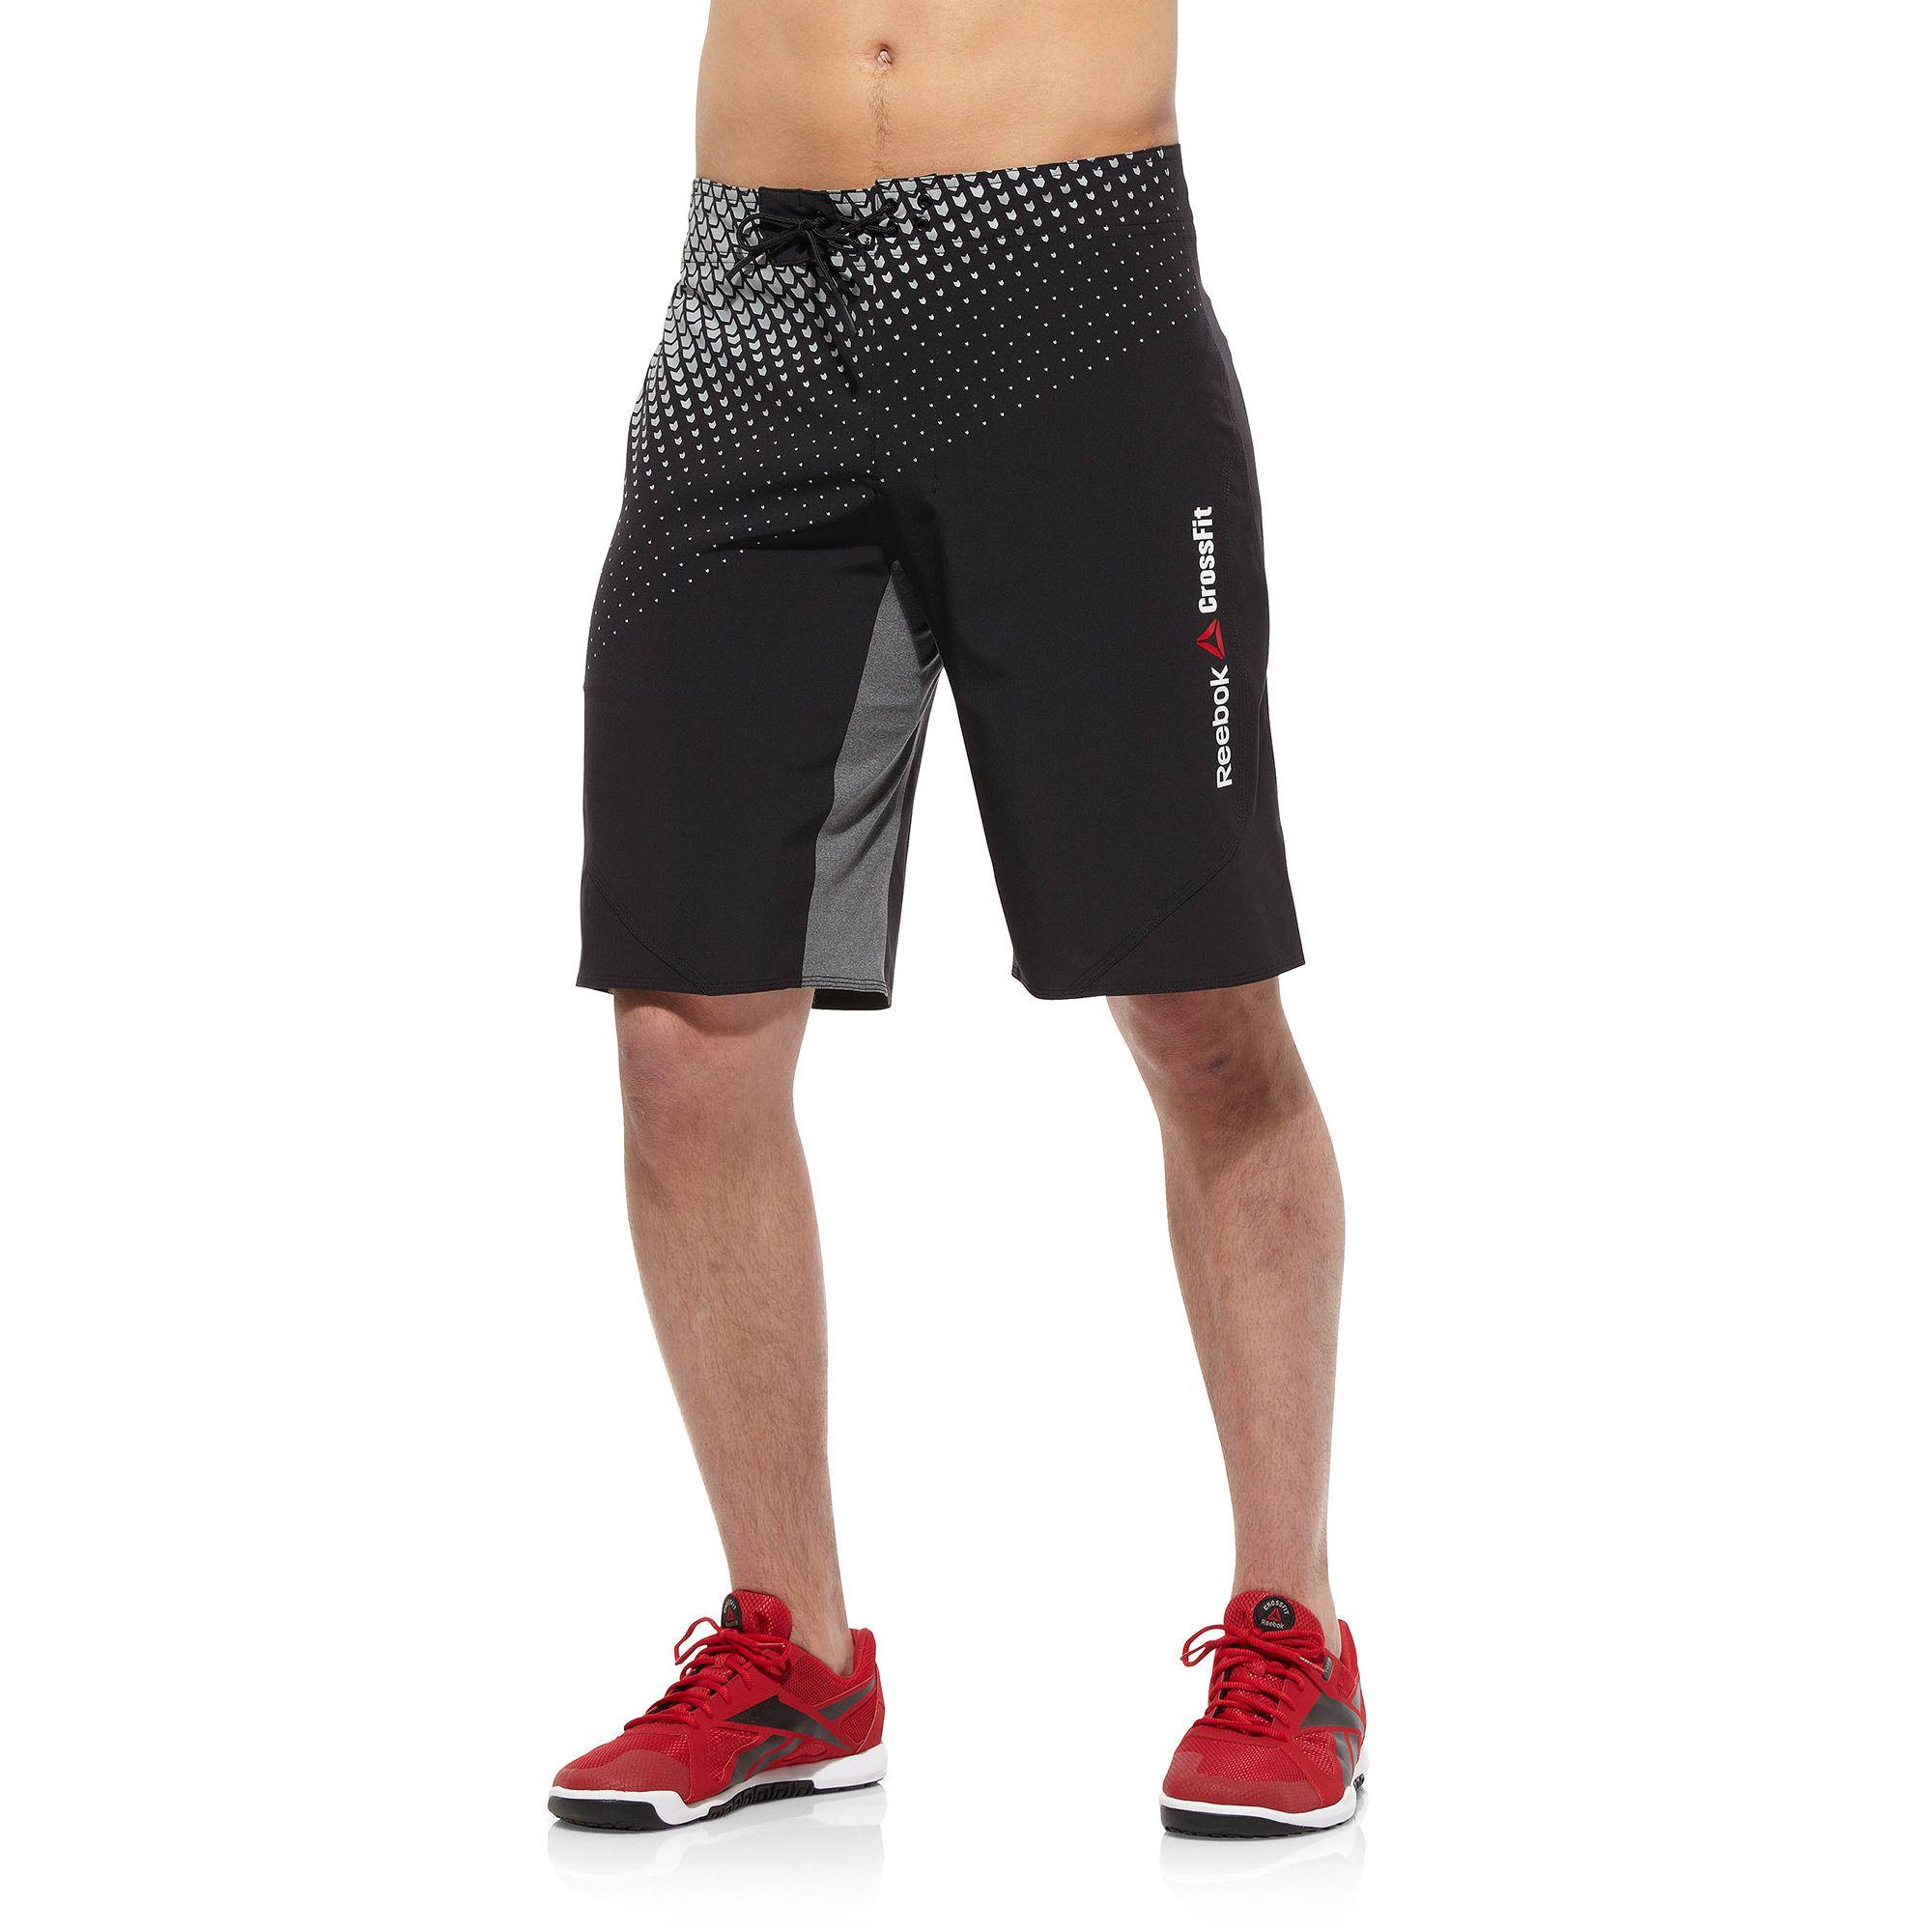 Reebok Men's Reebok CrossFit® Gradient Board Short | Reebok Canada